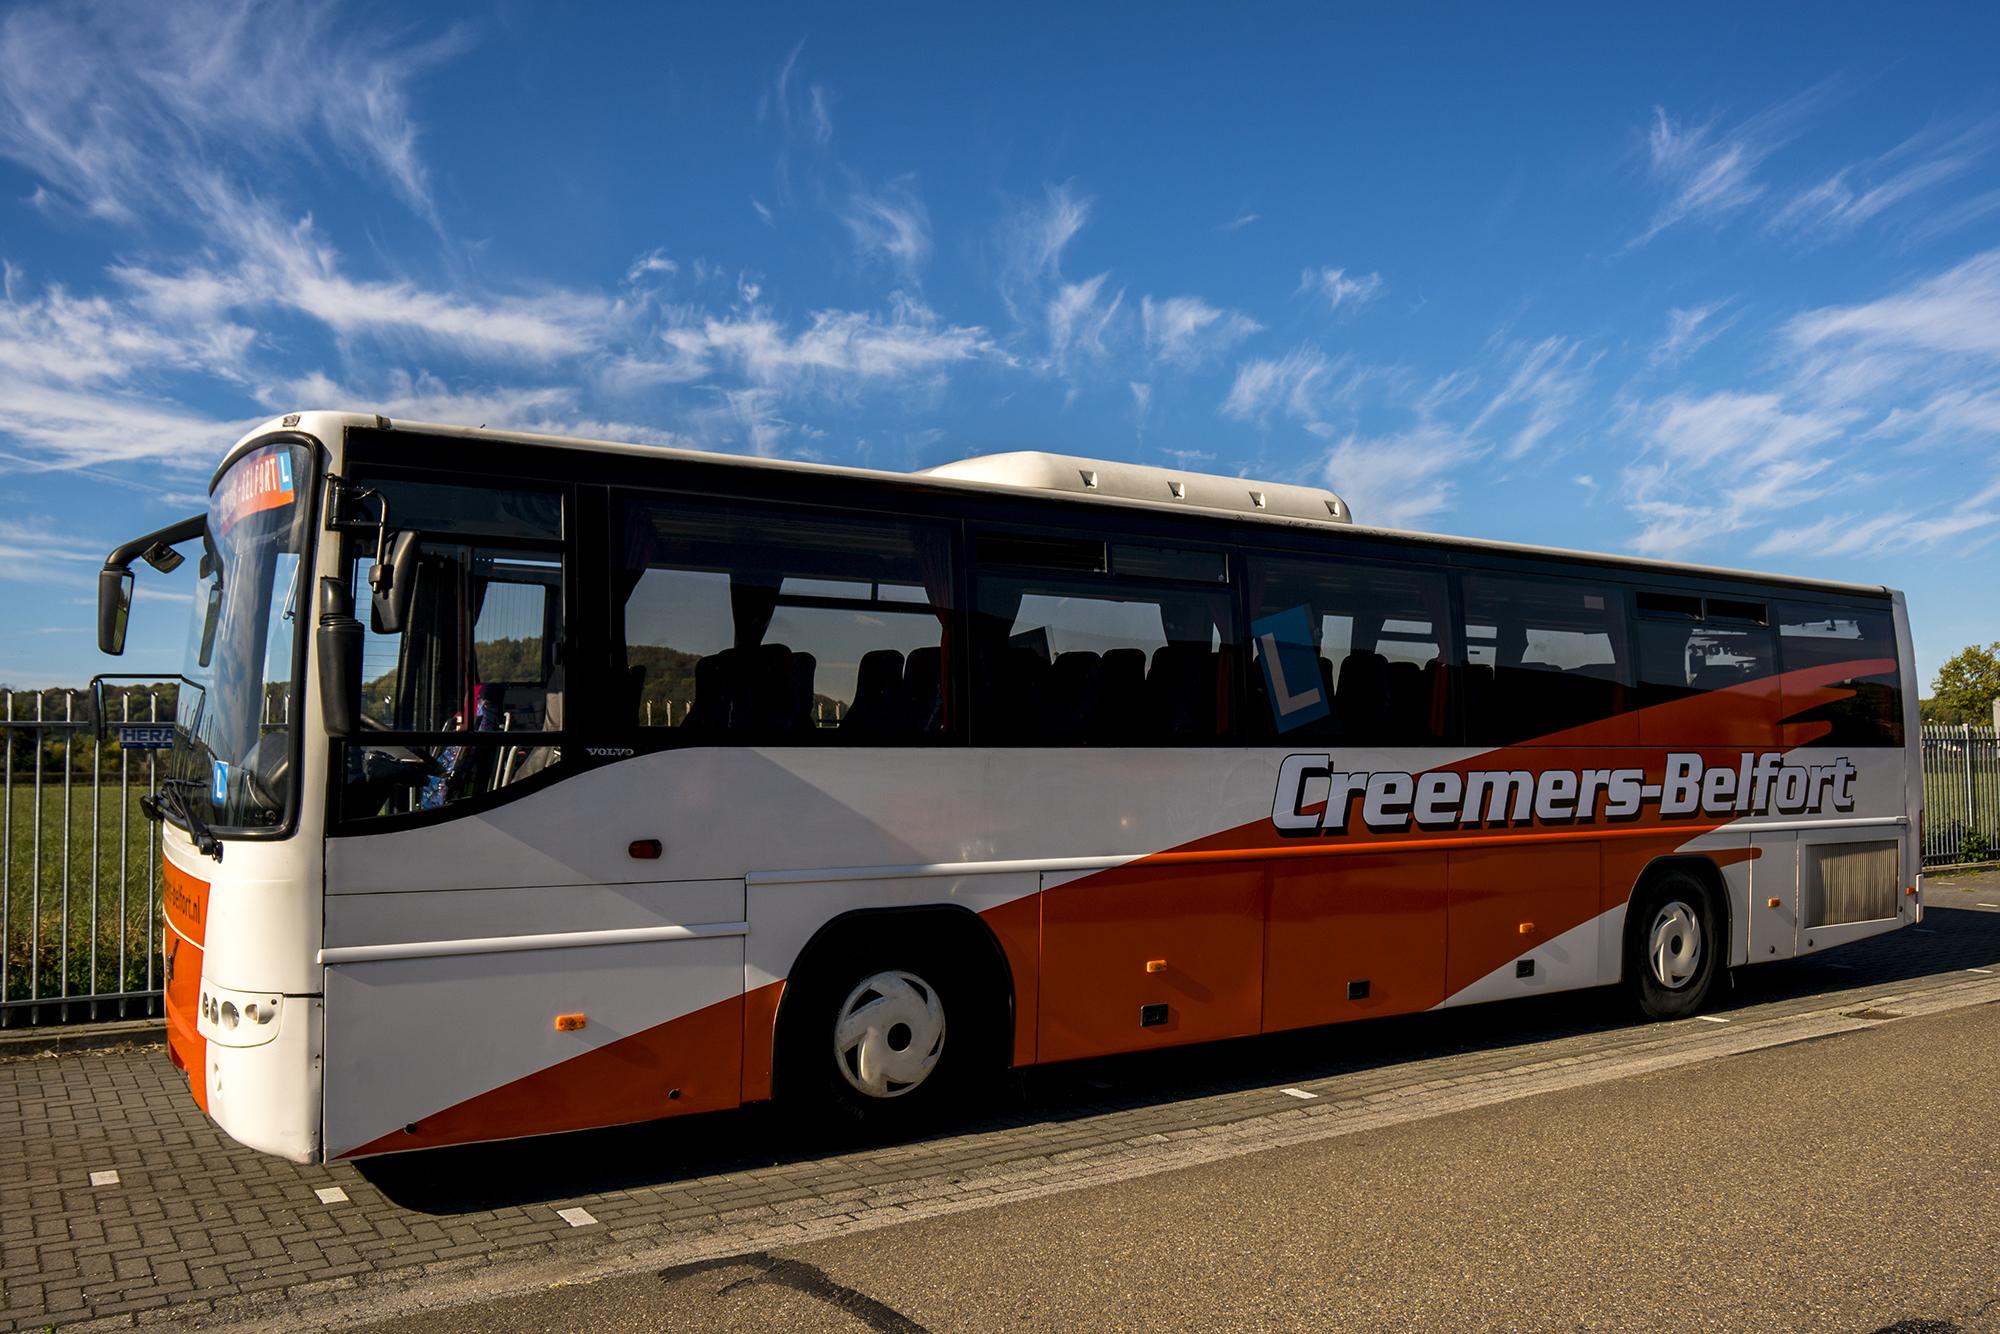 Verkeersschool Creemers Belfort